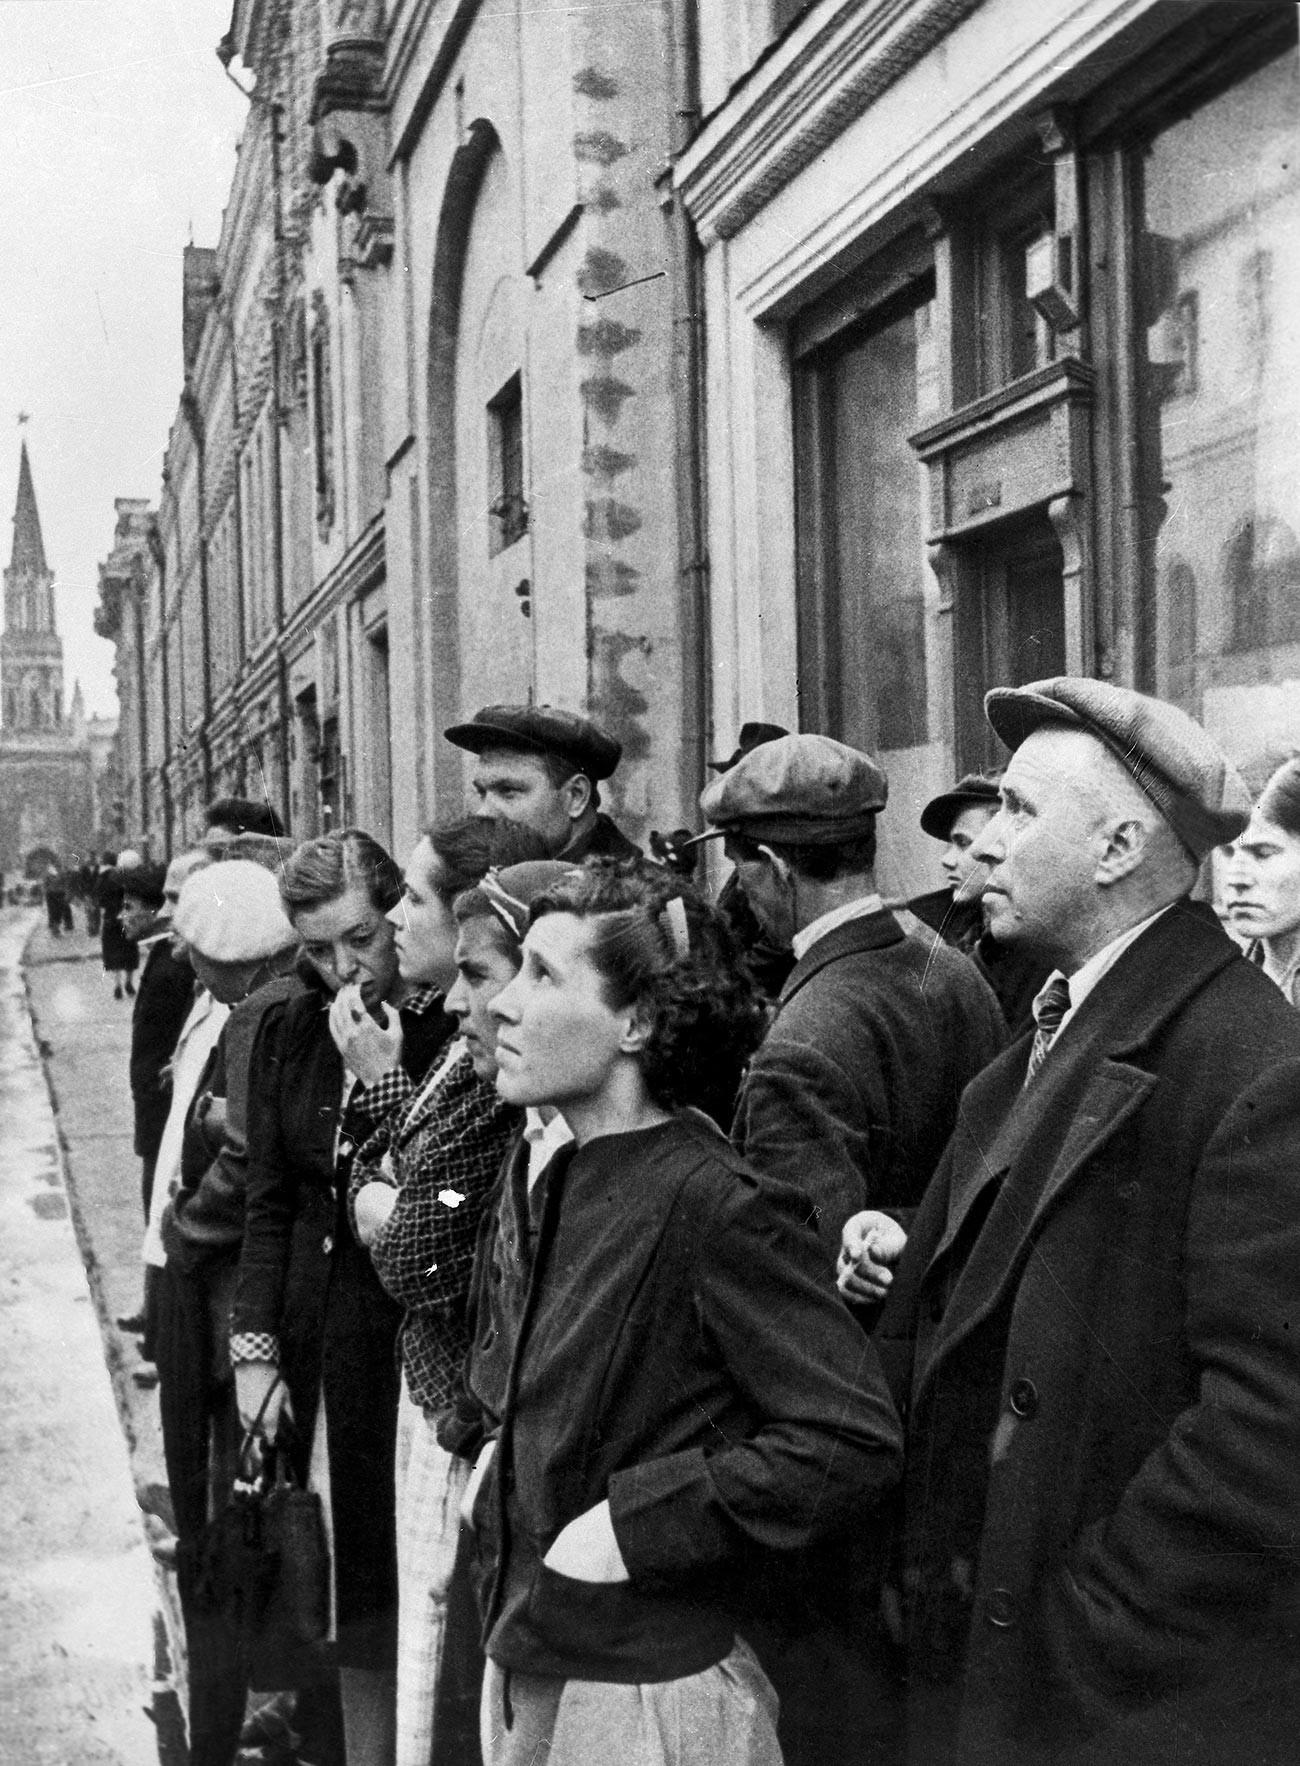 ナチス・ドイツの侵攻を伝える6月22日の政府ラジオ発表を聞くモスクワ市民。